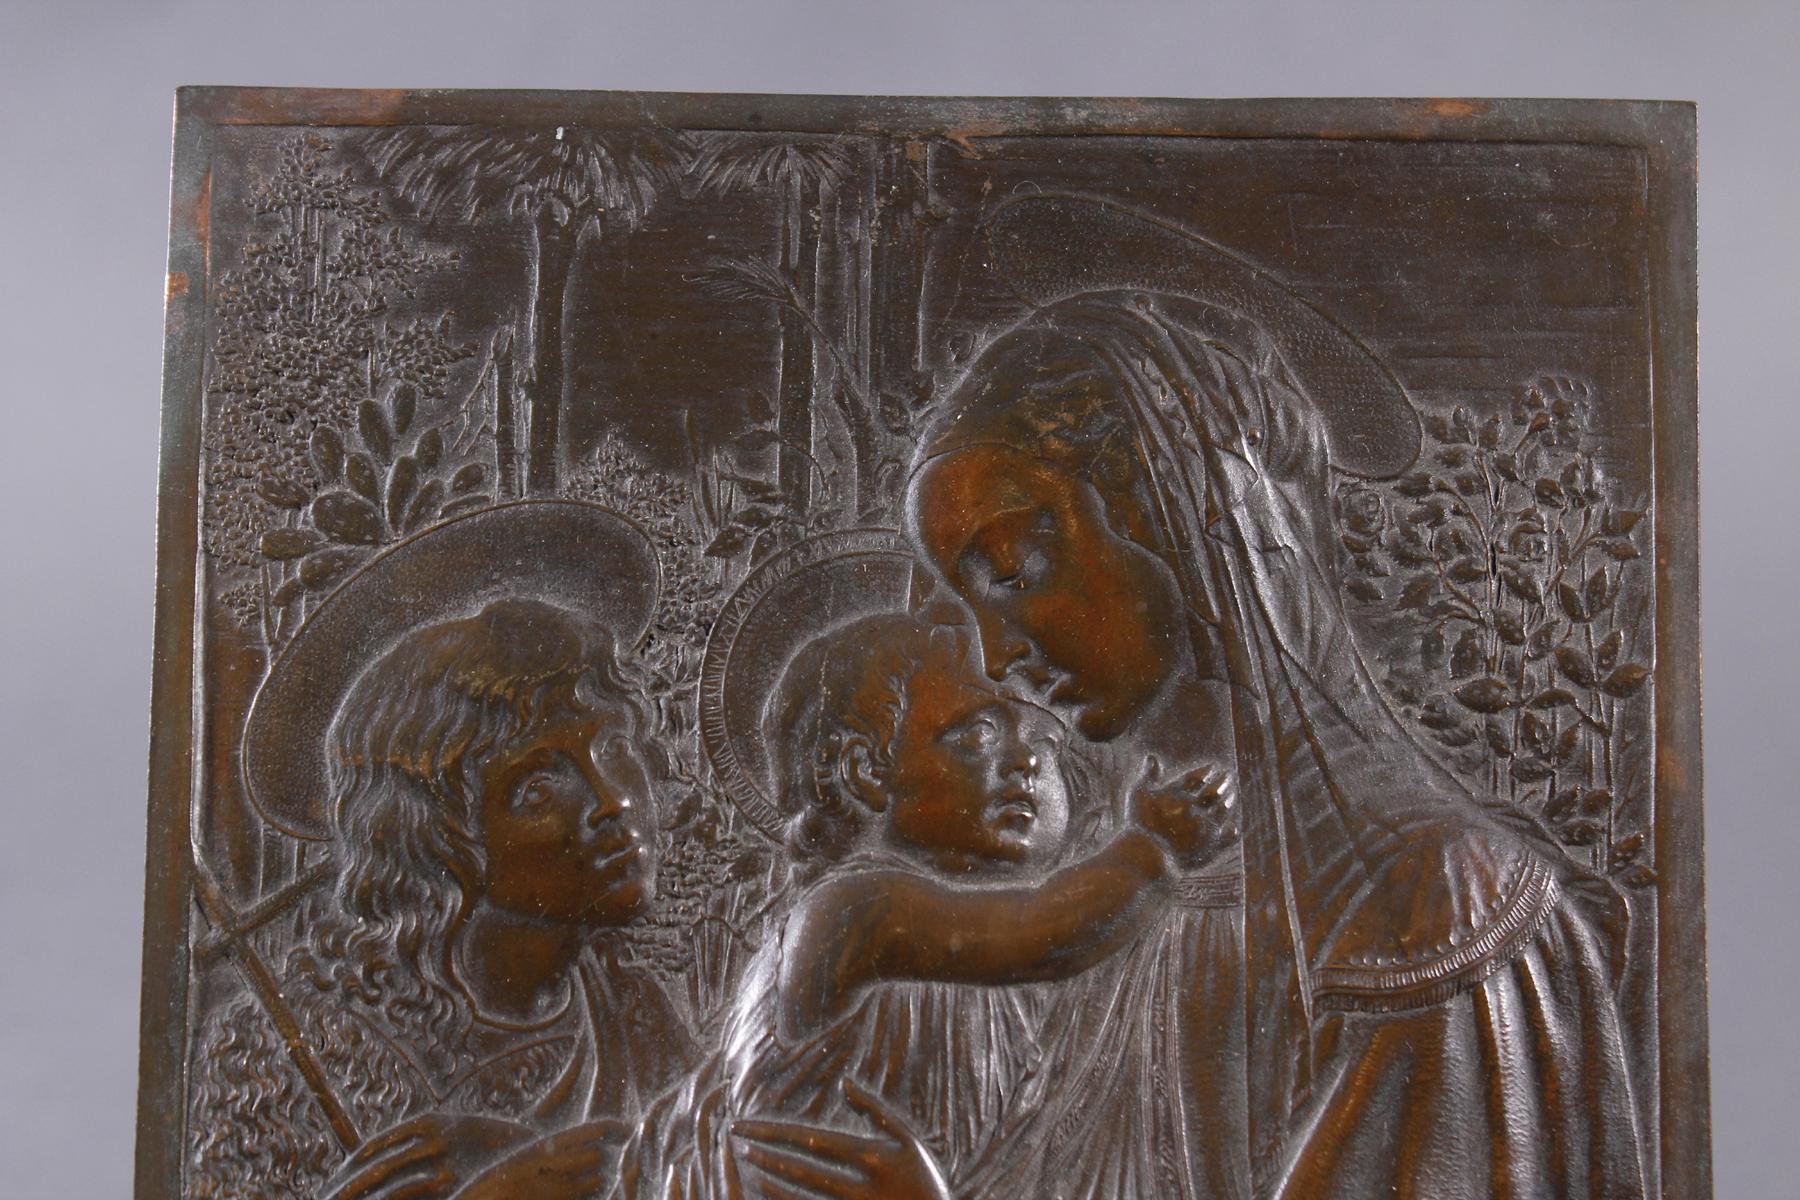 Feine Kupfer-Reliefplatte, Frankreich, Charles BERTAULT um 1900-2